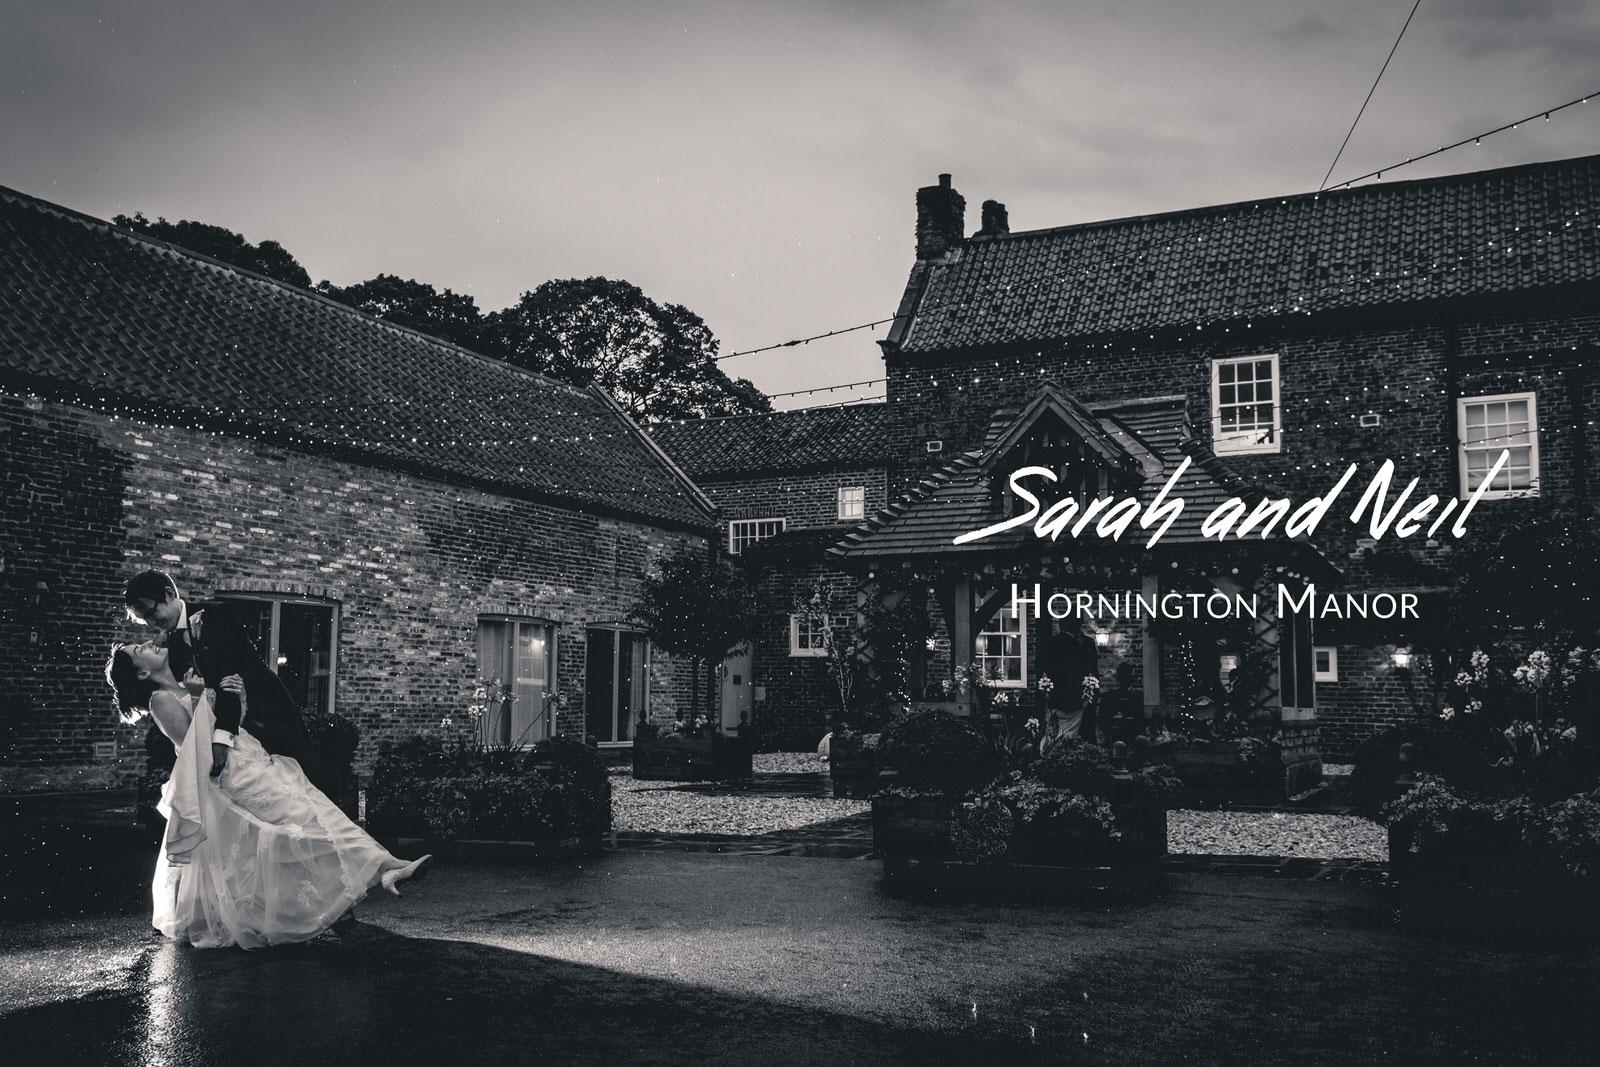 Sarah and Neil's Wedding - Hornington Manor